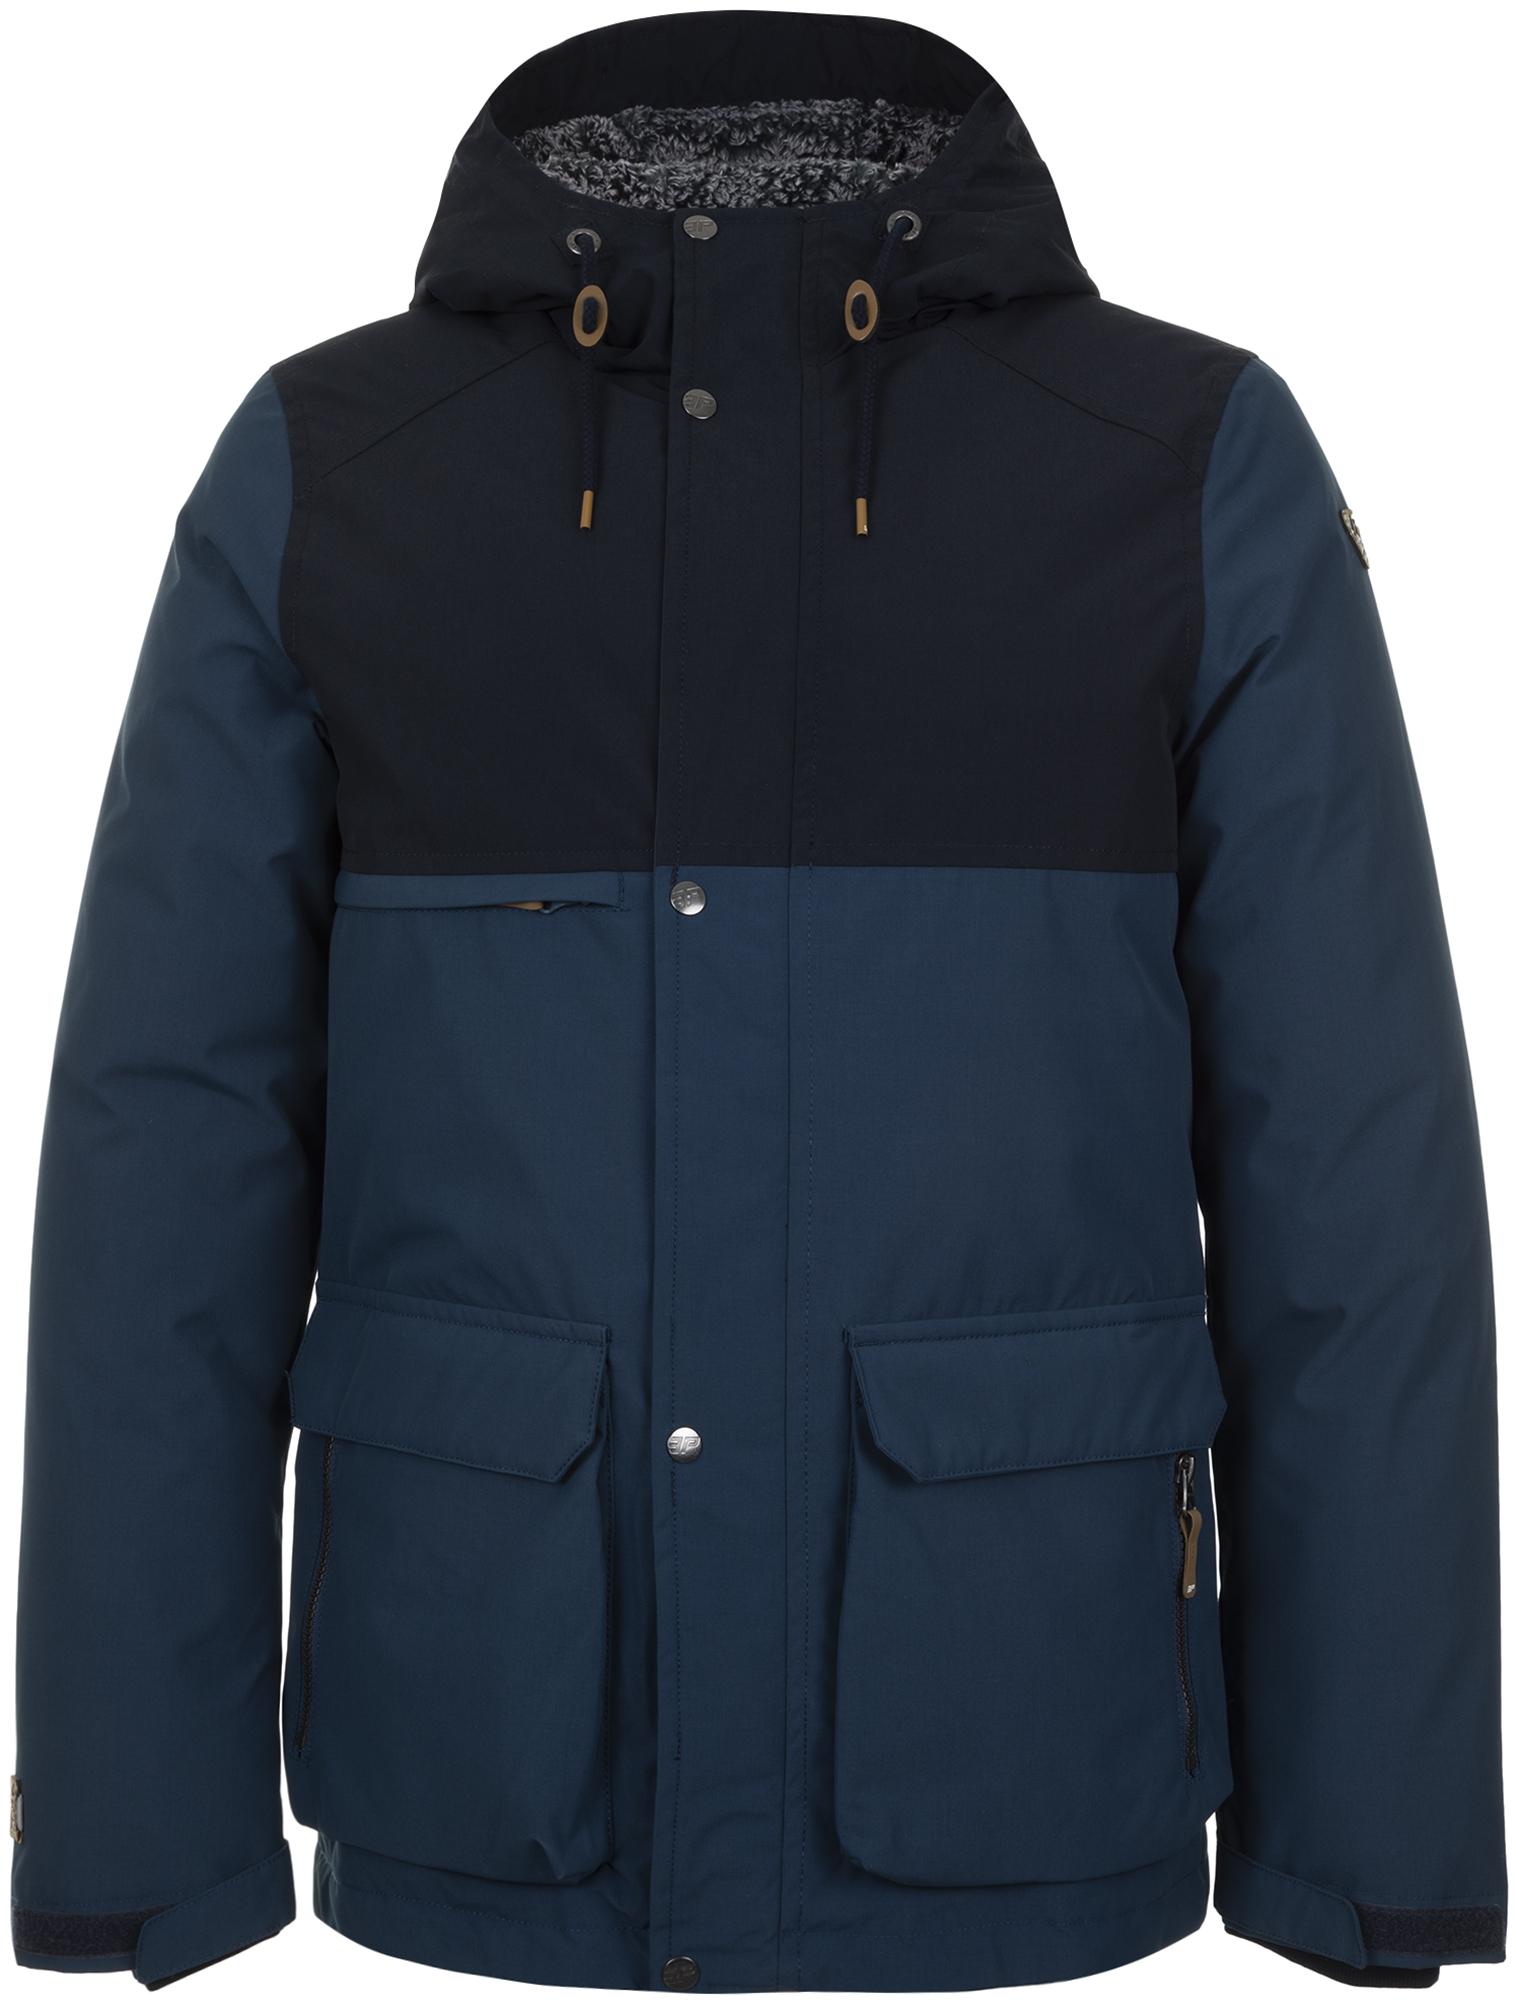 IcePeak Куртка утепленная мужская IcePeak Vilmar, размер 56